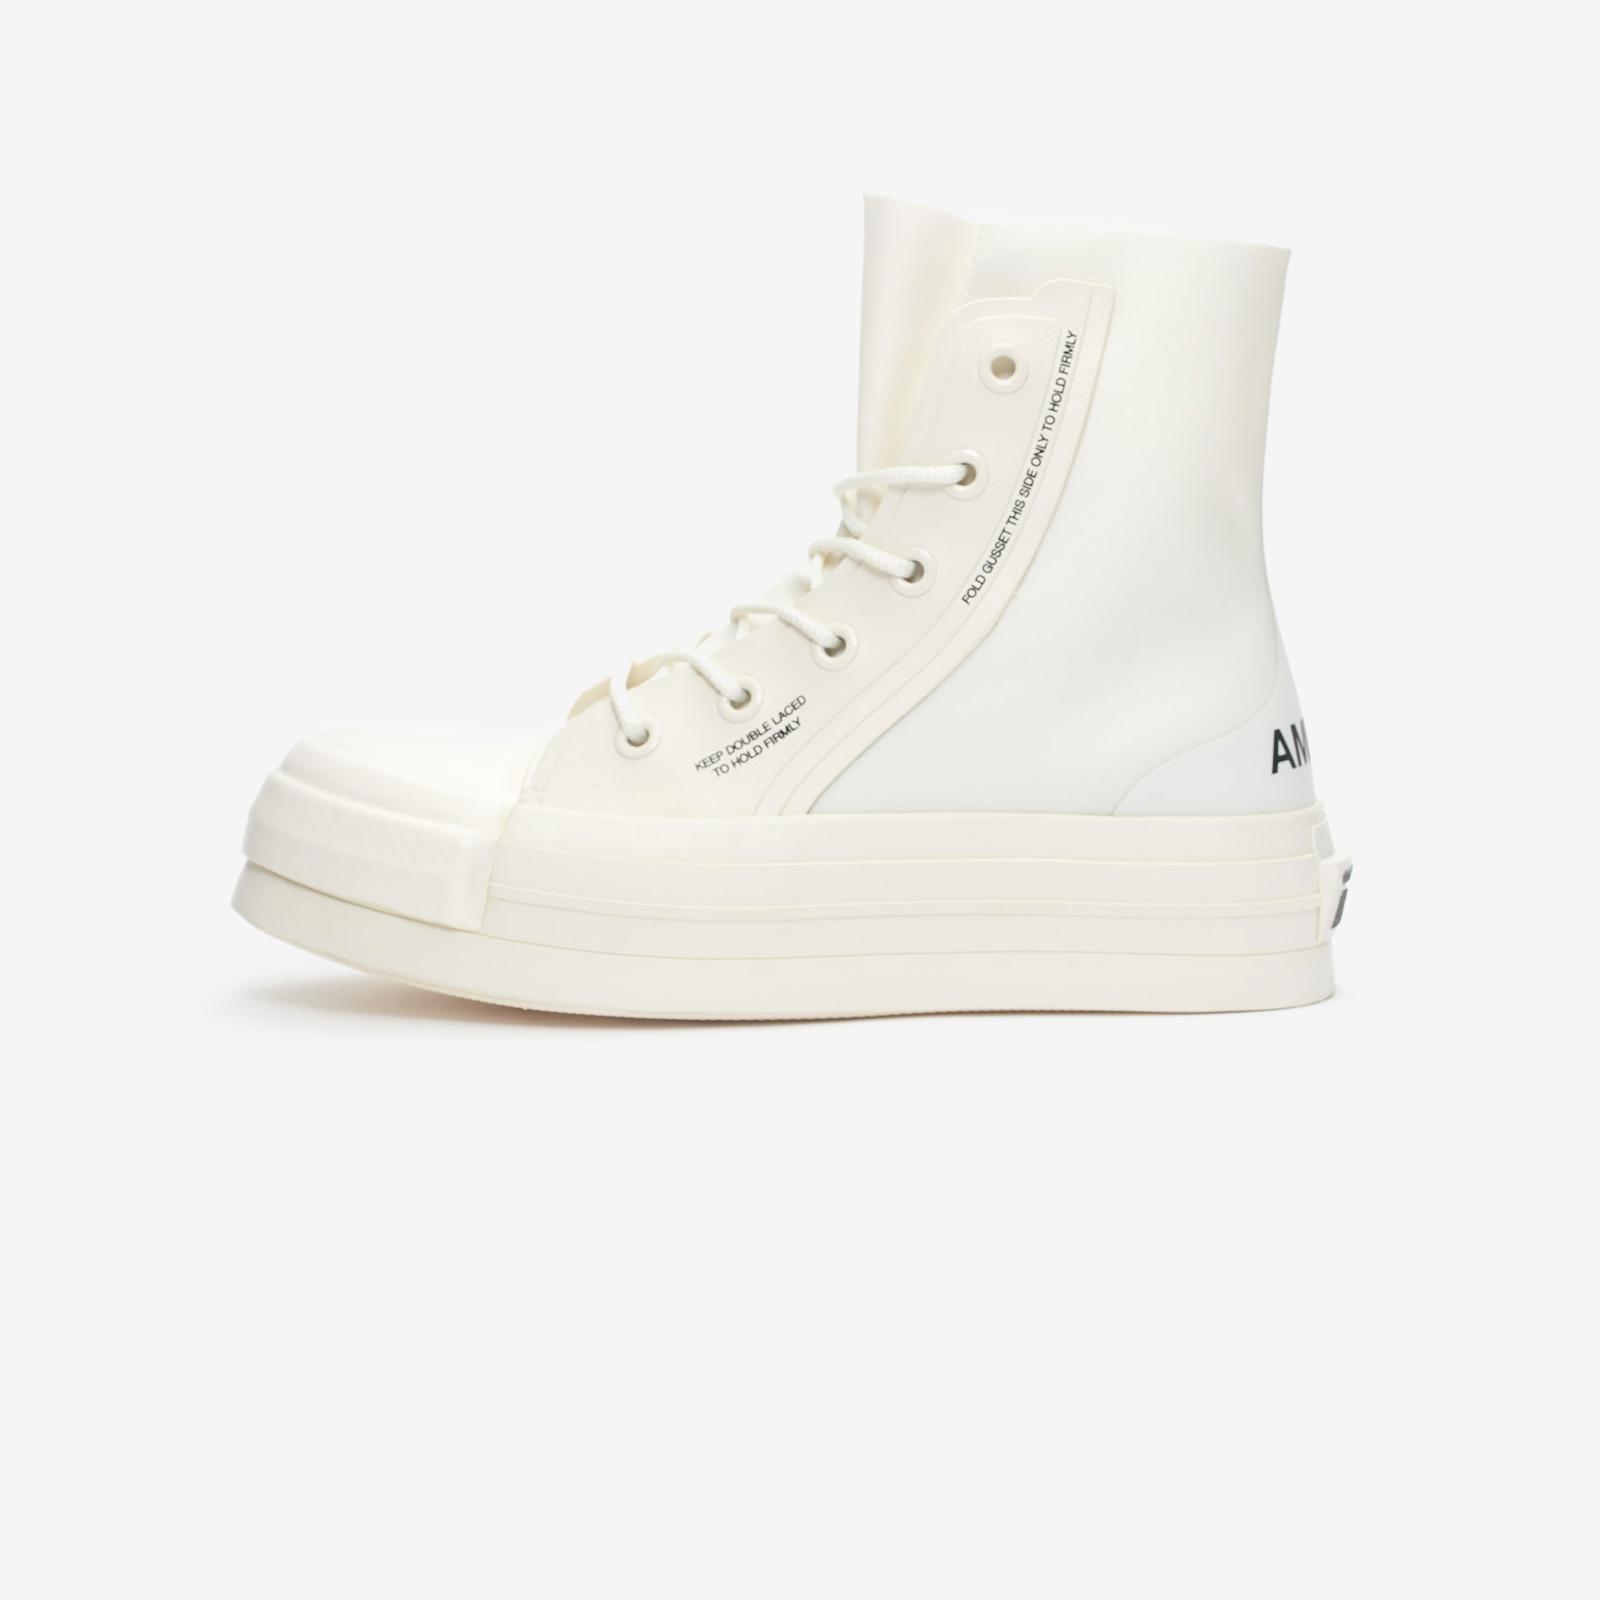 Converse Chuck 70s Hi x Ambush 166516c Sneakersnstuff